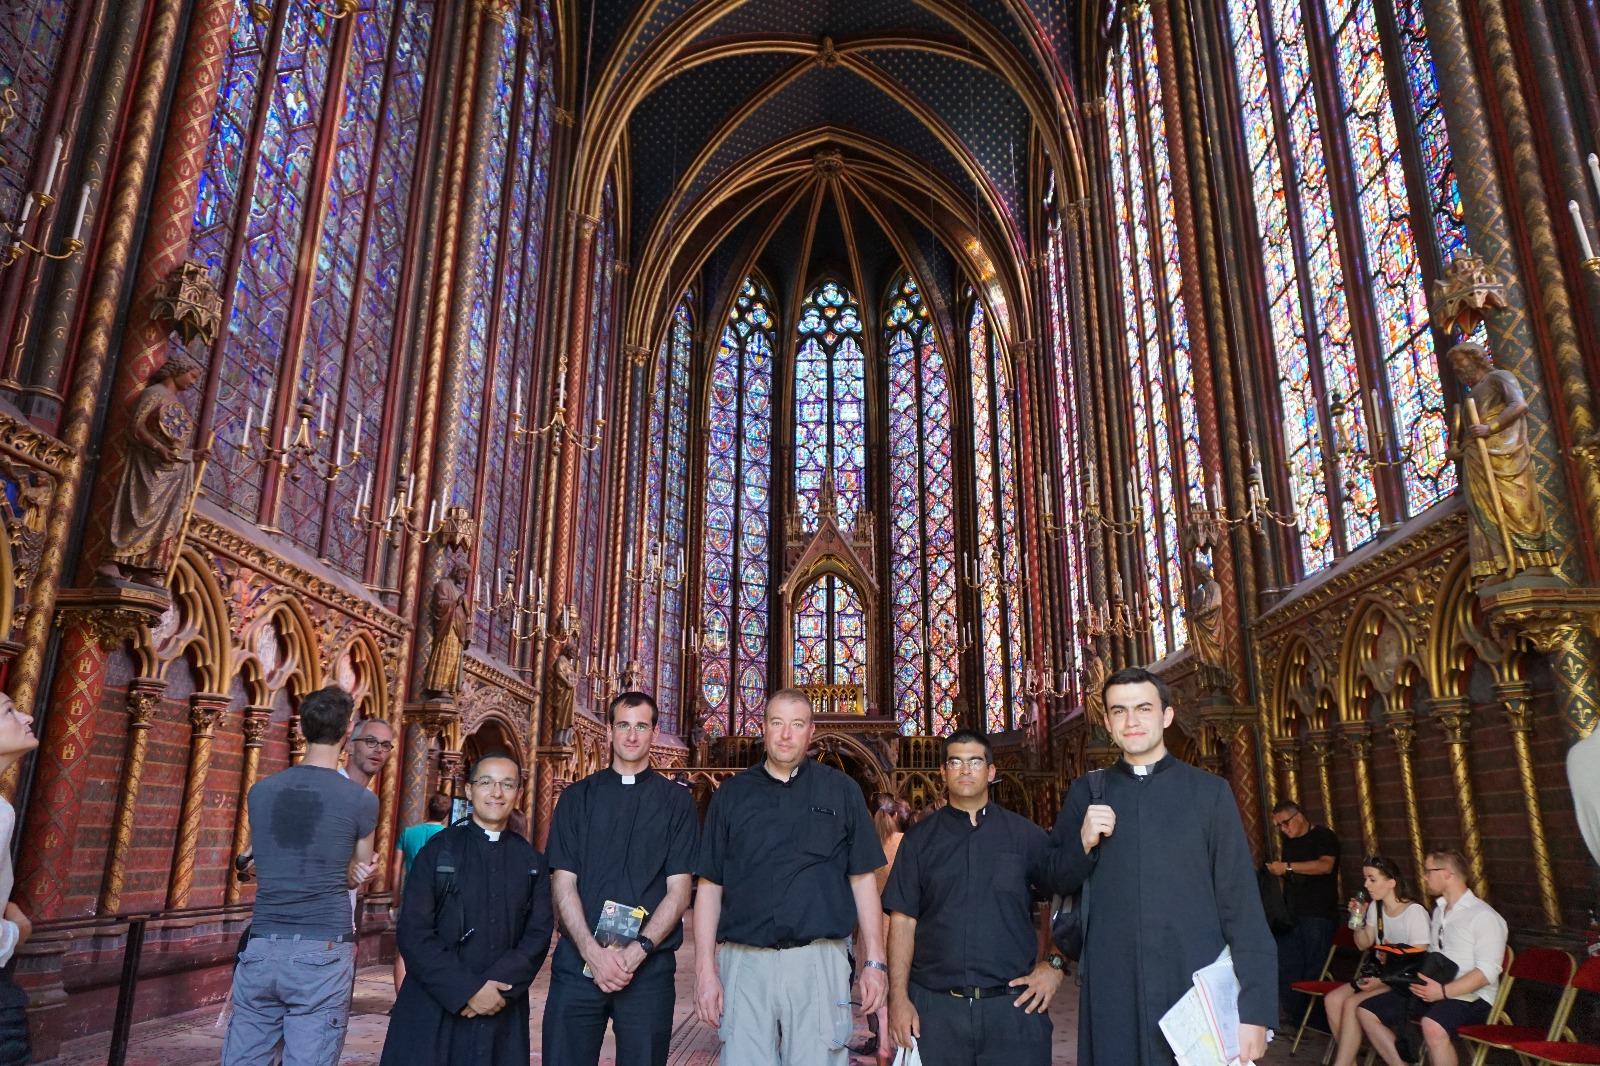 Saint-Chapelle construida por San Luis Rey de Francia para albergar las reliquias de la pasión, en particular la corona de espinas (hoy se encuentra reservada en Notre Dame).